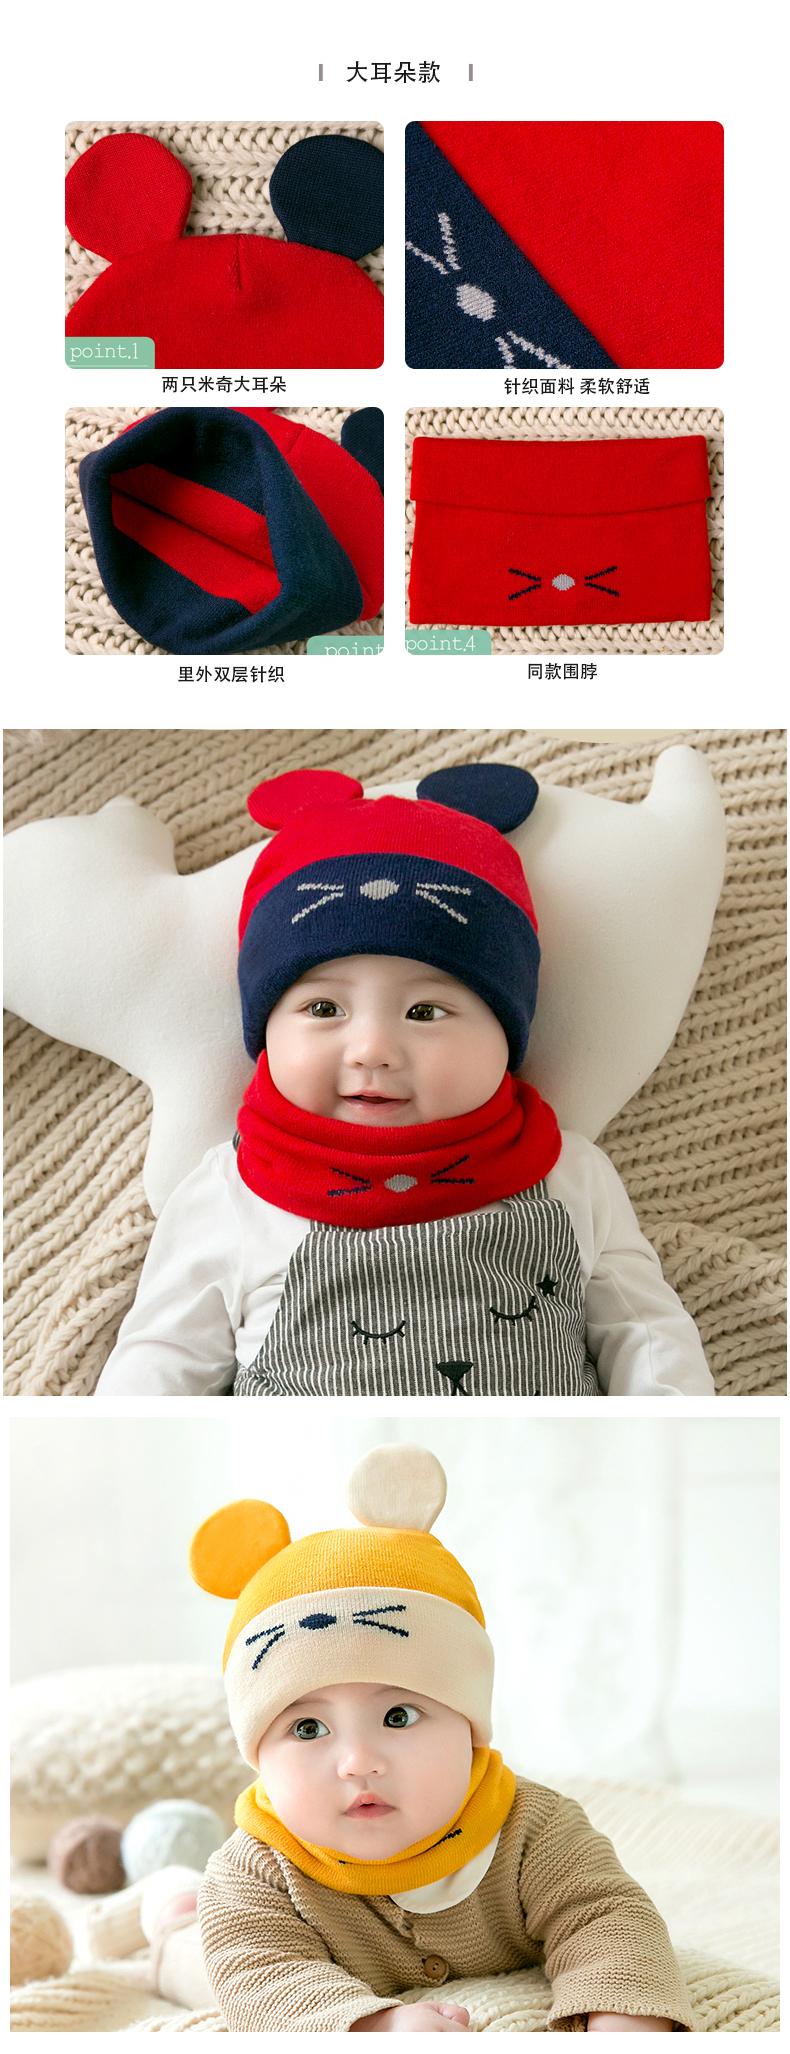 婴儿帽子秋冬季婴幼儿童男女宝宝毛线护耳帽月可爱超萌韩版详细照片